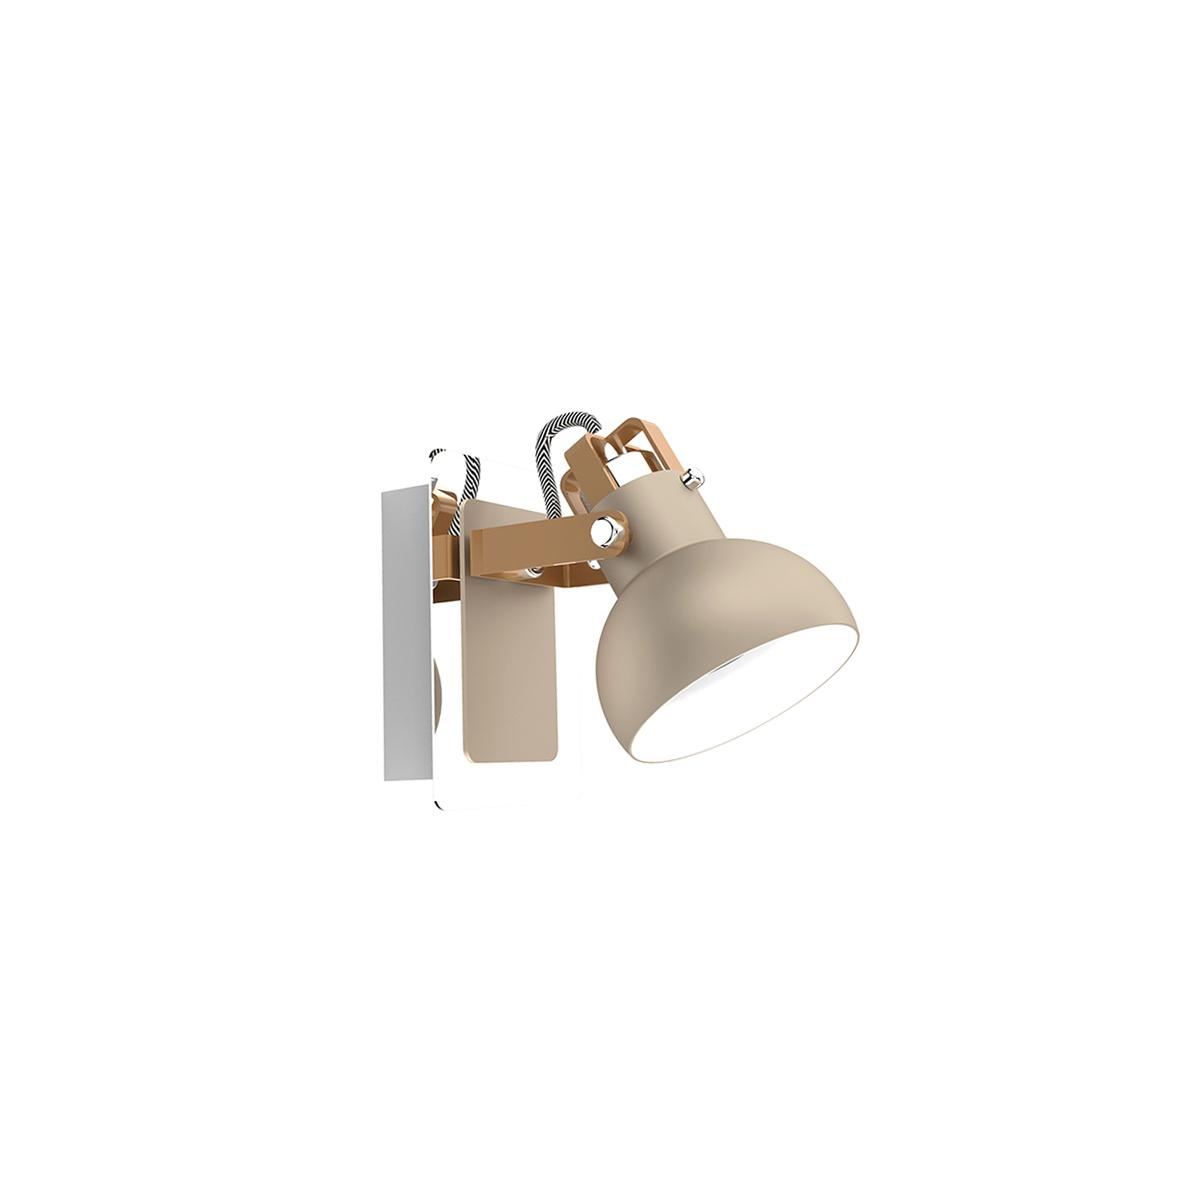 Spot  lampa Grant/1 16601826